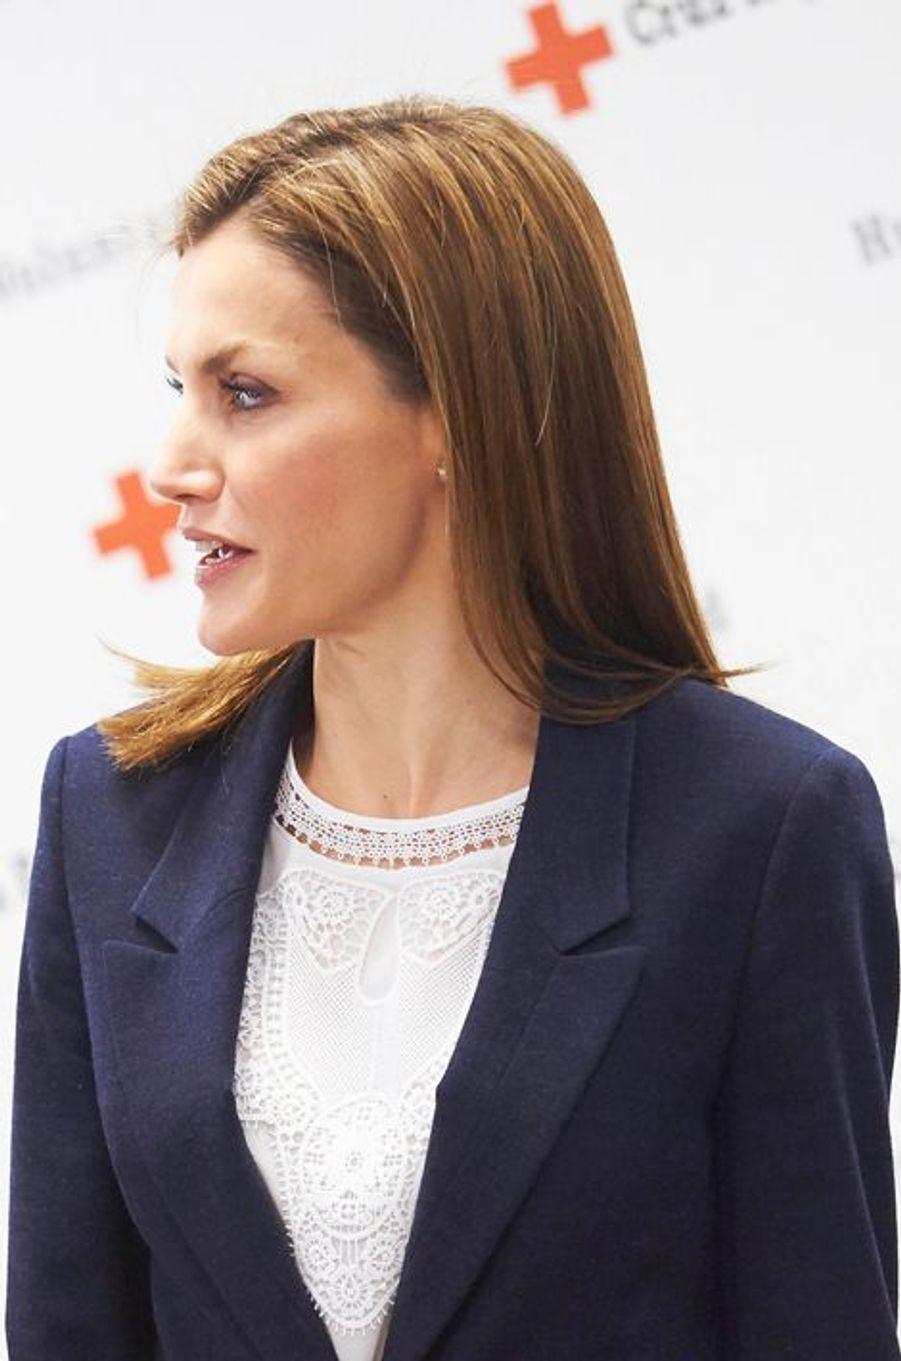 La reine Letizia d'Espagne à Madrid, le 7 avril 2015